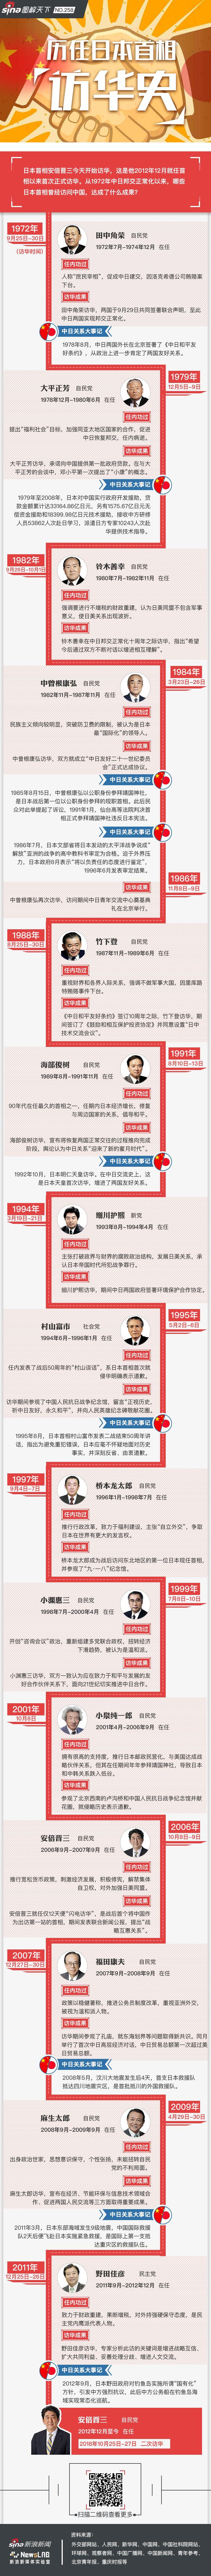 一图了解曾经访华的历任日本首相